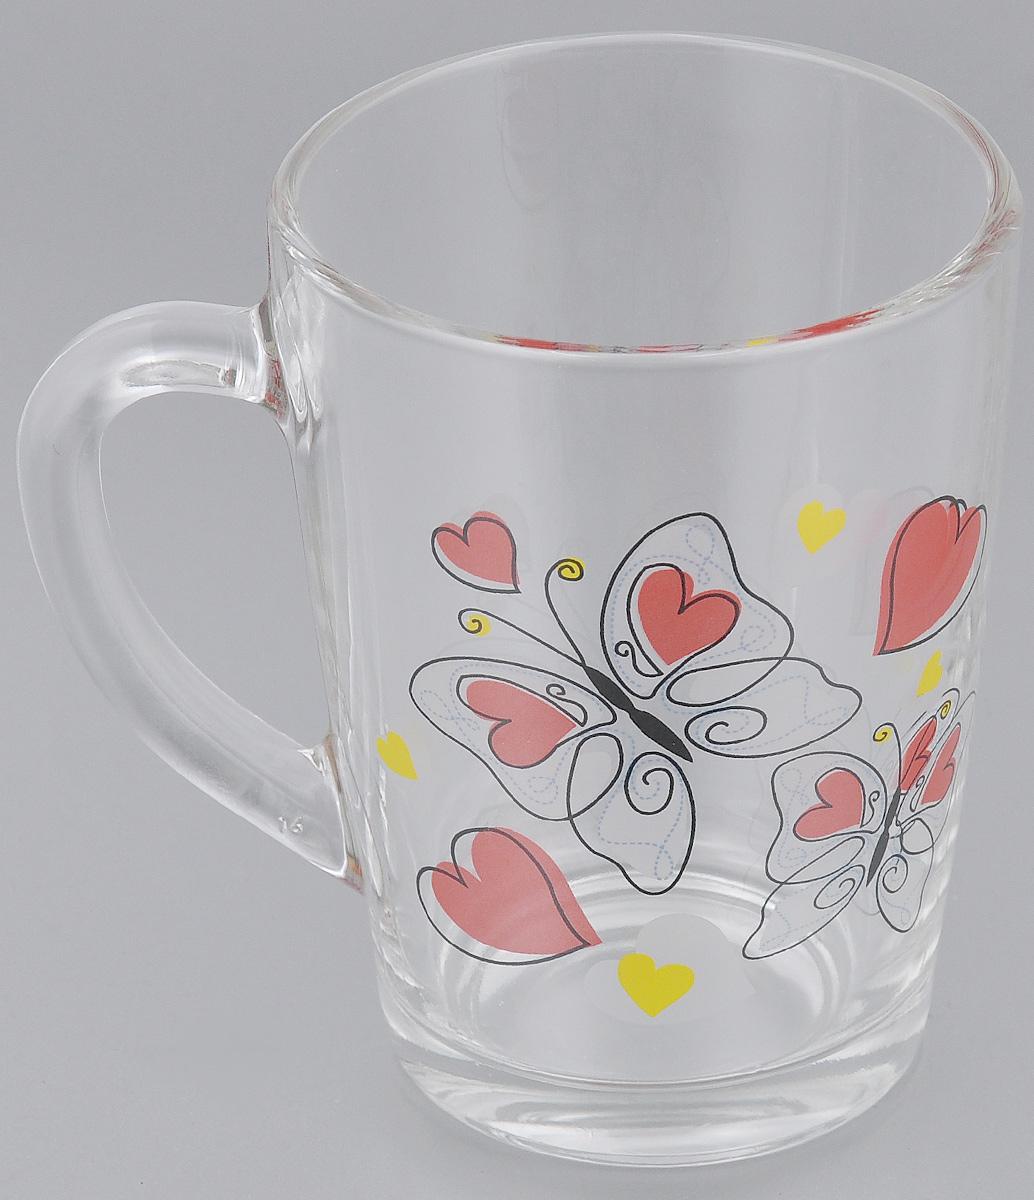 """Кружка OSZ """"Капучино. Бабочки с сердечками"""", цвет: прозрачный, красный, желтый, 300 мл"""